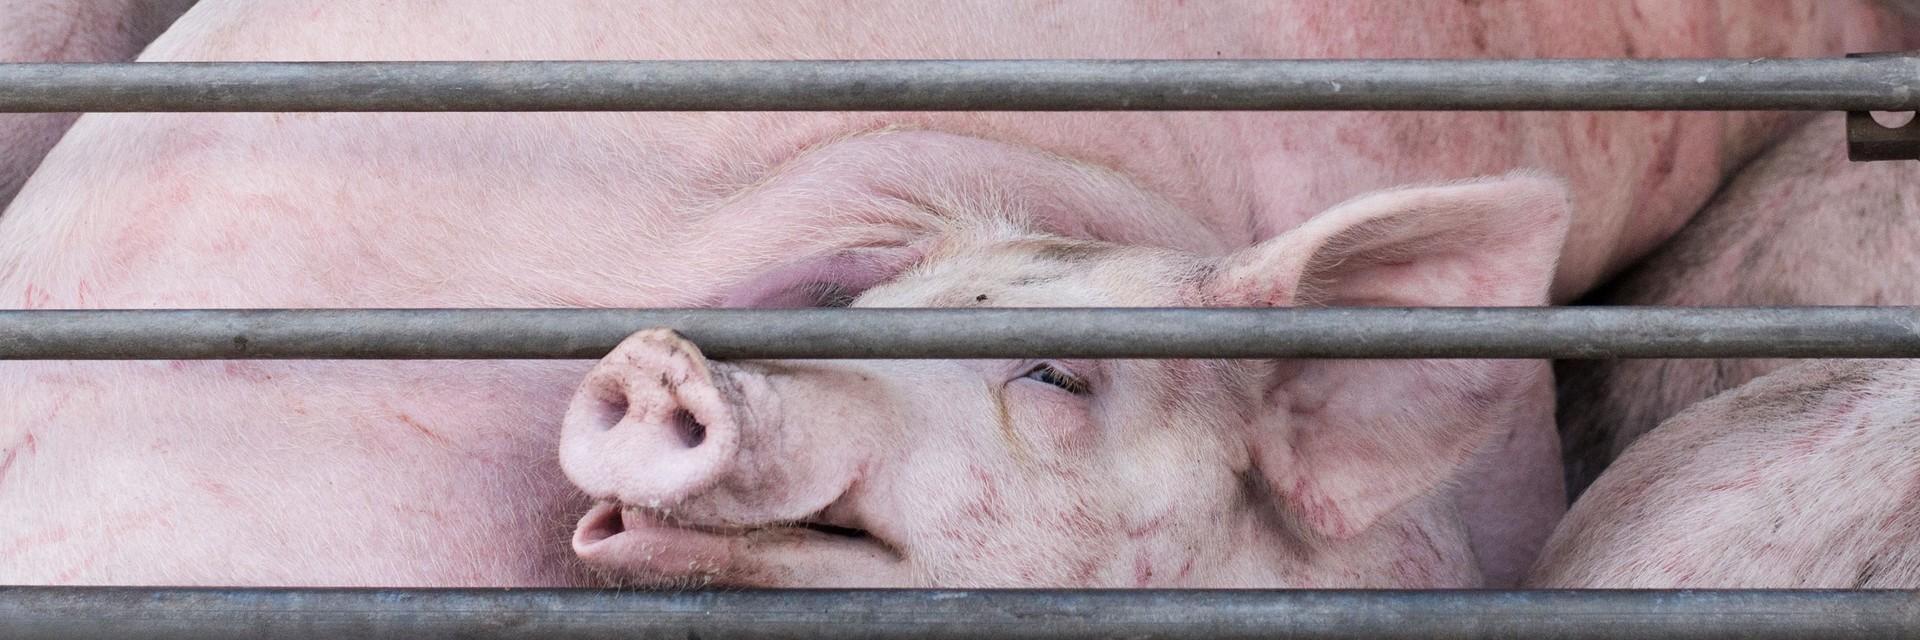 Schweine auf einem Tiertransporter